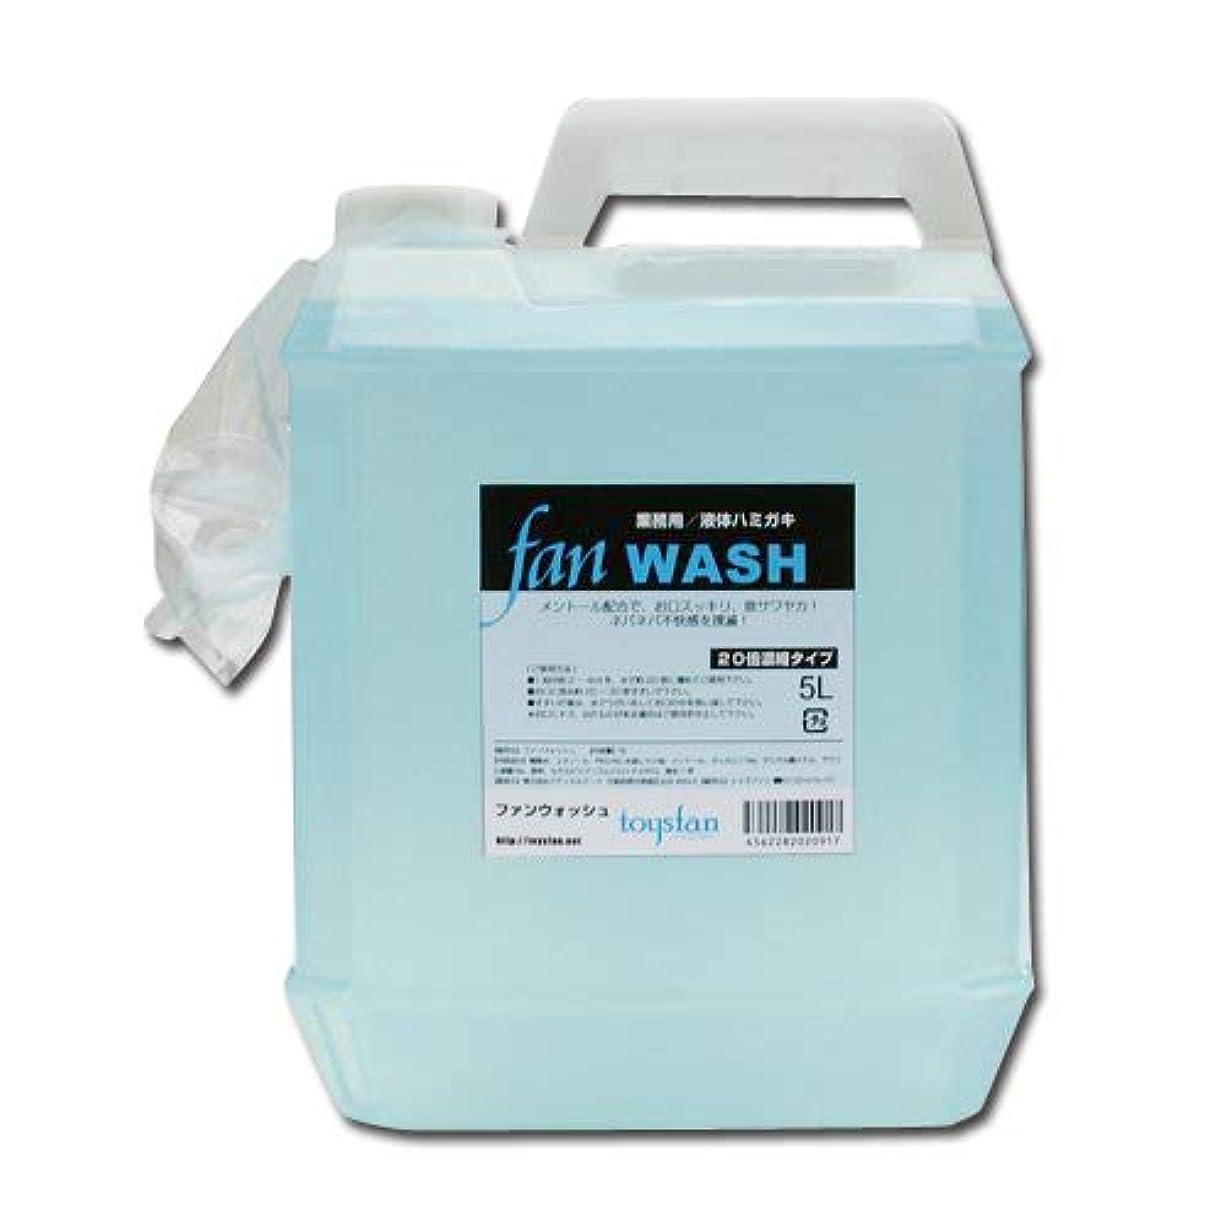 付添人計画珍味ファンウォッシュ 5L(20倍濃縮)業務用液体ハミガキ FAN WASHメントール配合│液体歯磨き大容量!うがい液